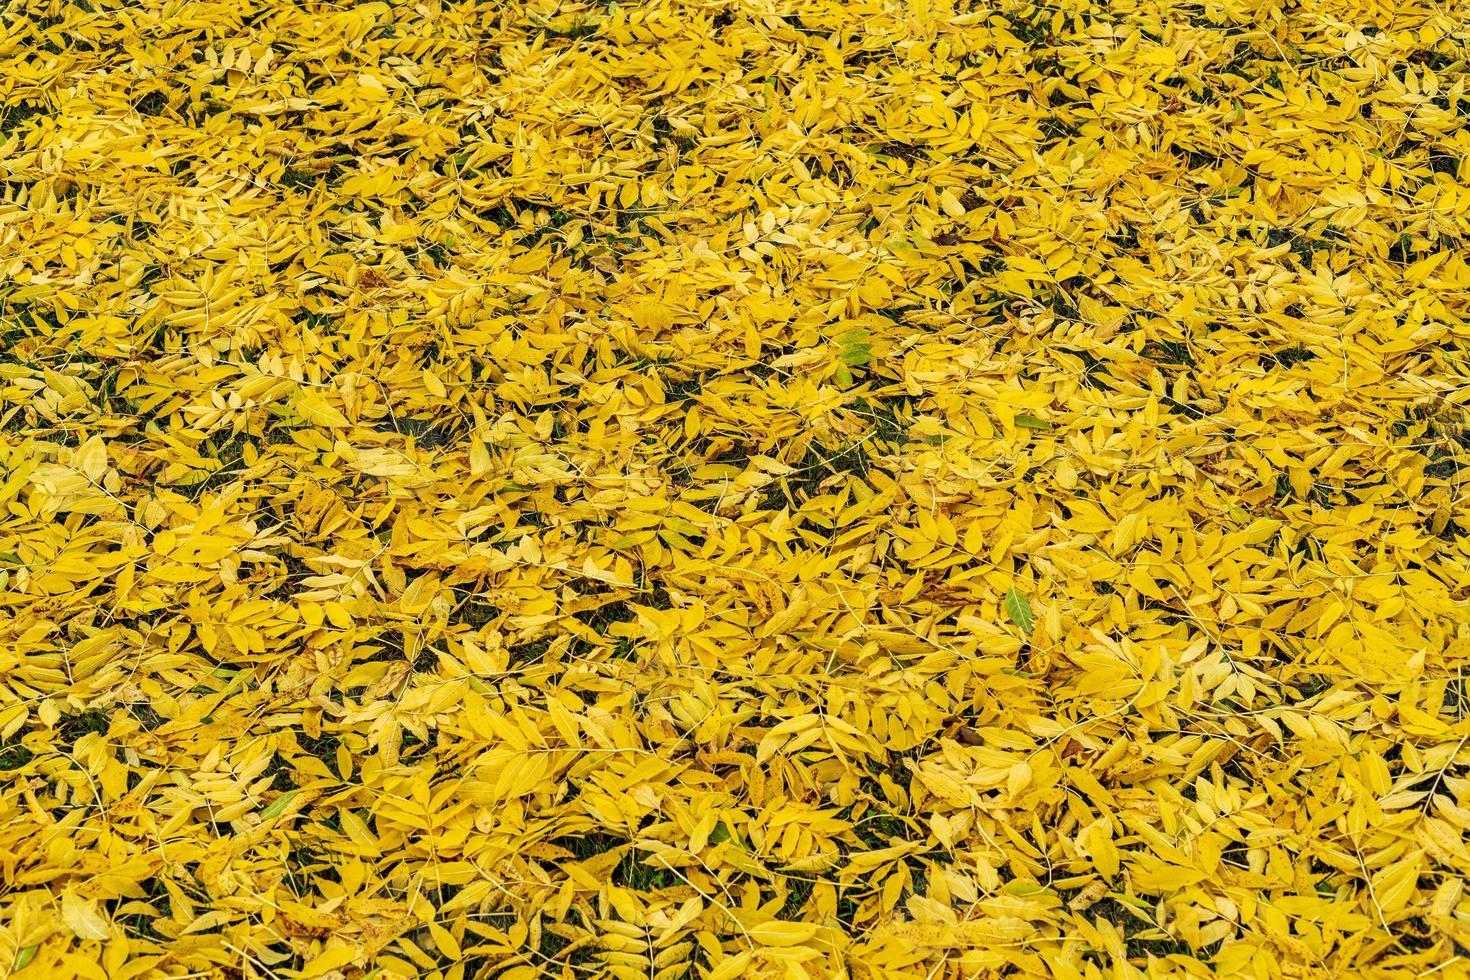 terreno pieno di vibranti foglie di frassino giallo foto